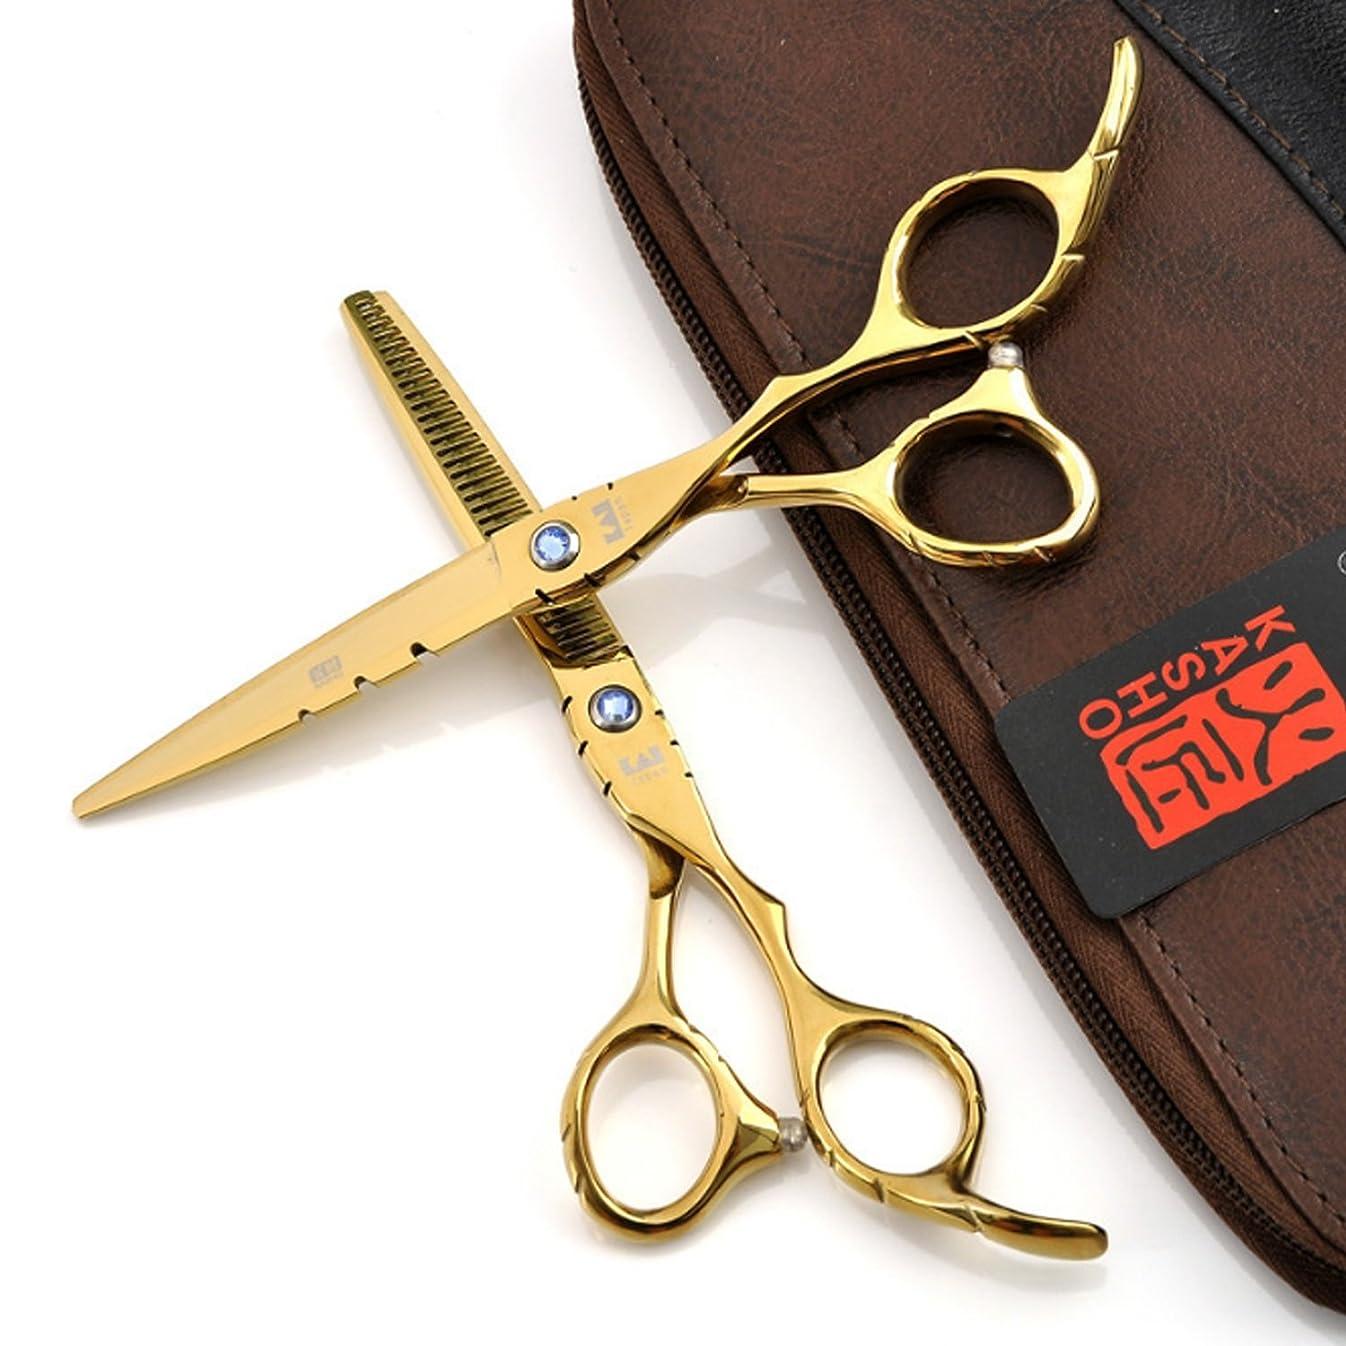 あたたかいベットマトンはさみ 6インチの理髪師ヘアカット 薄切り剃刀 はさみ 日本ステンレススチール ホームまたは美容師の使用 (Color : 6.0 Blue thinning scissors)